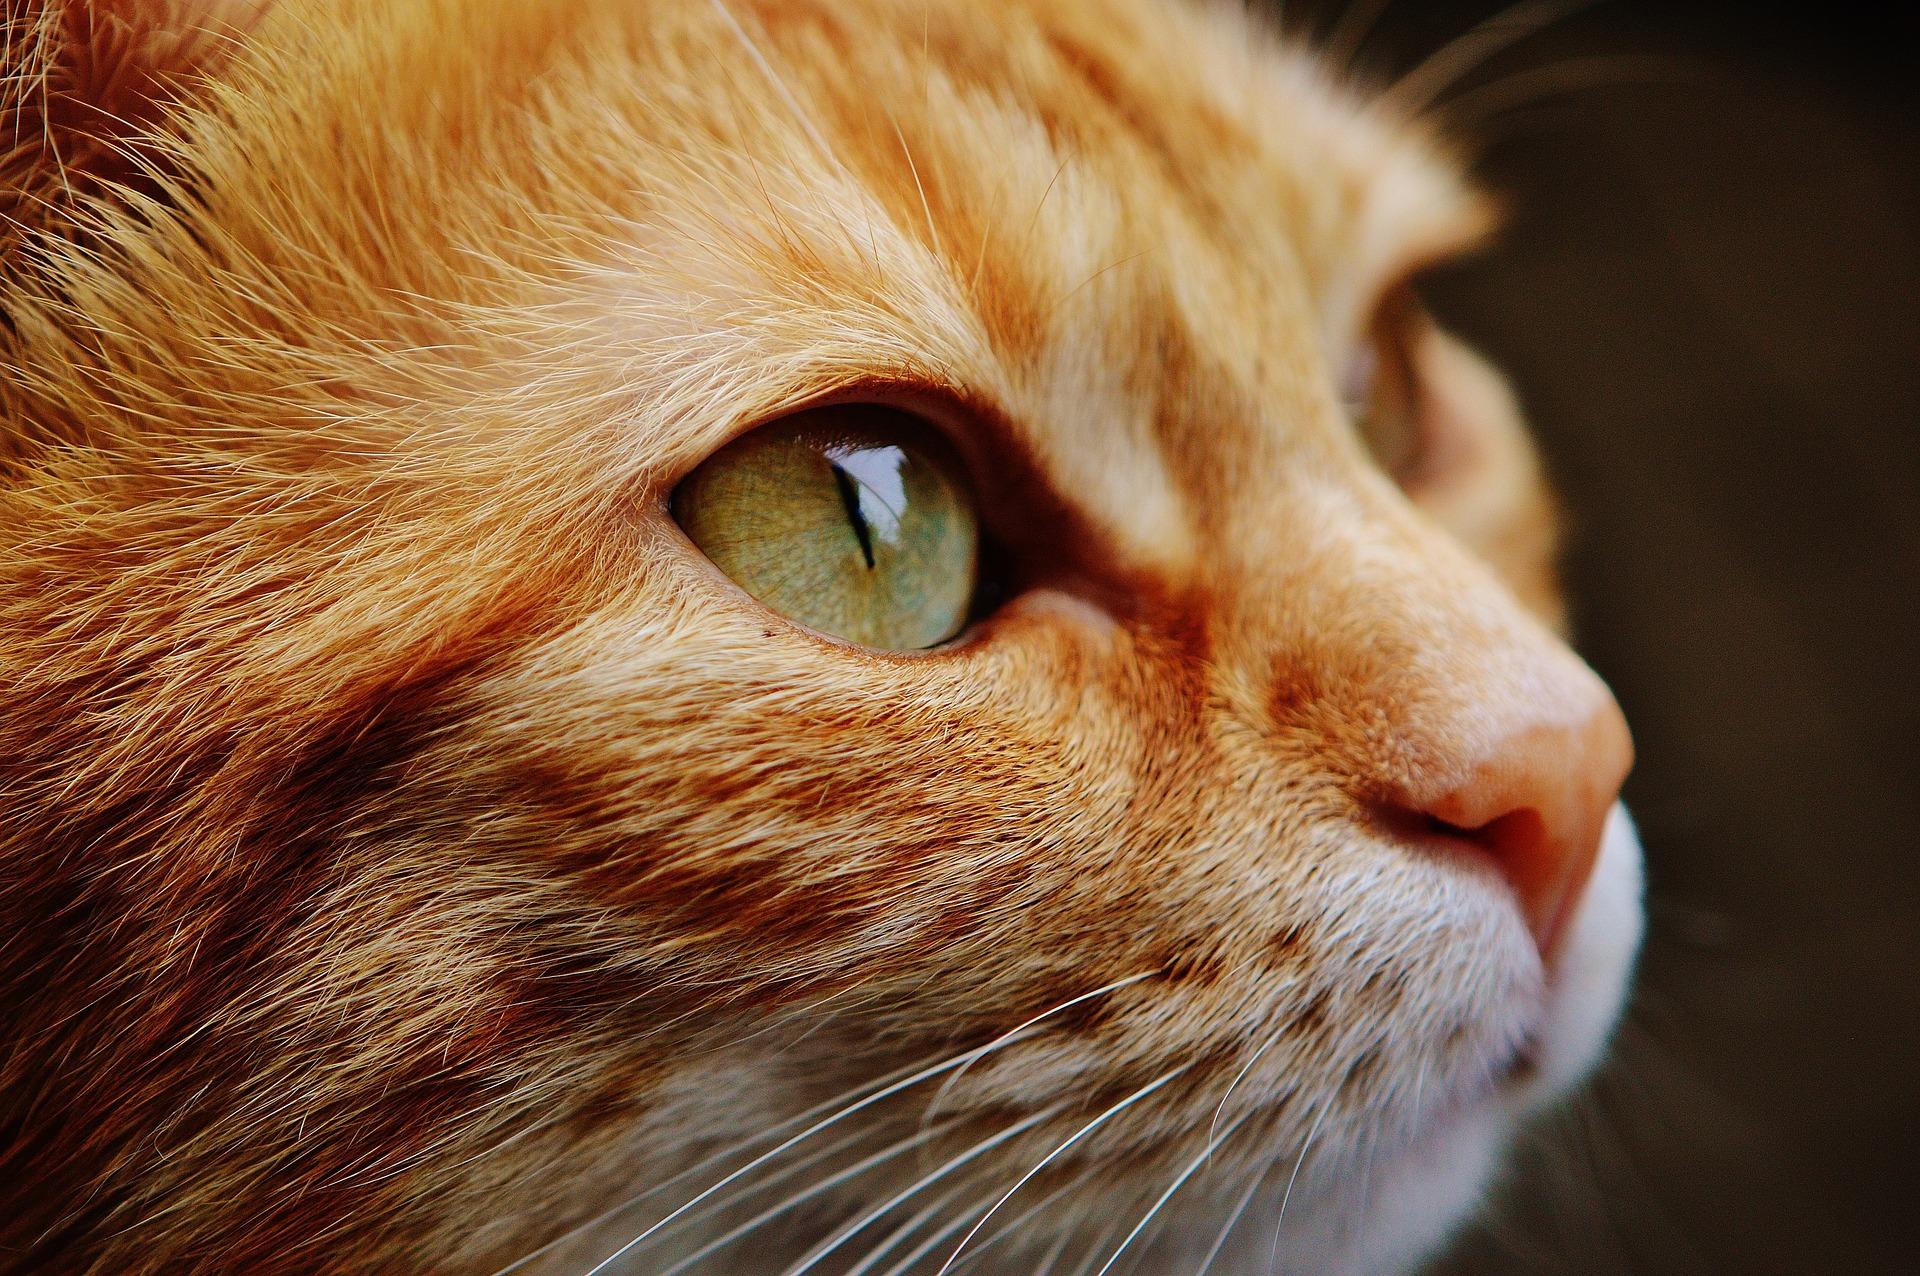 Kot rozróżnia niewielki zakres barw, ale ma zdolność widzenia w niemal całkowitych ciemnościach.